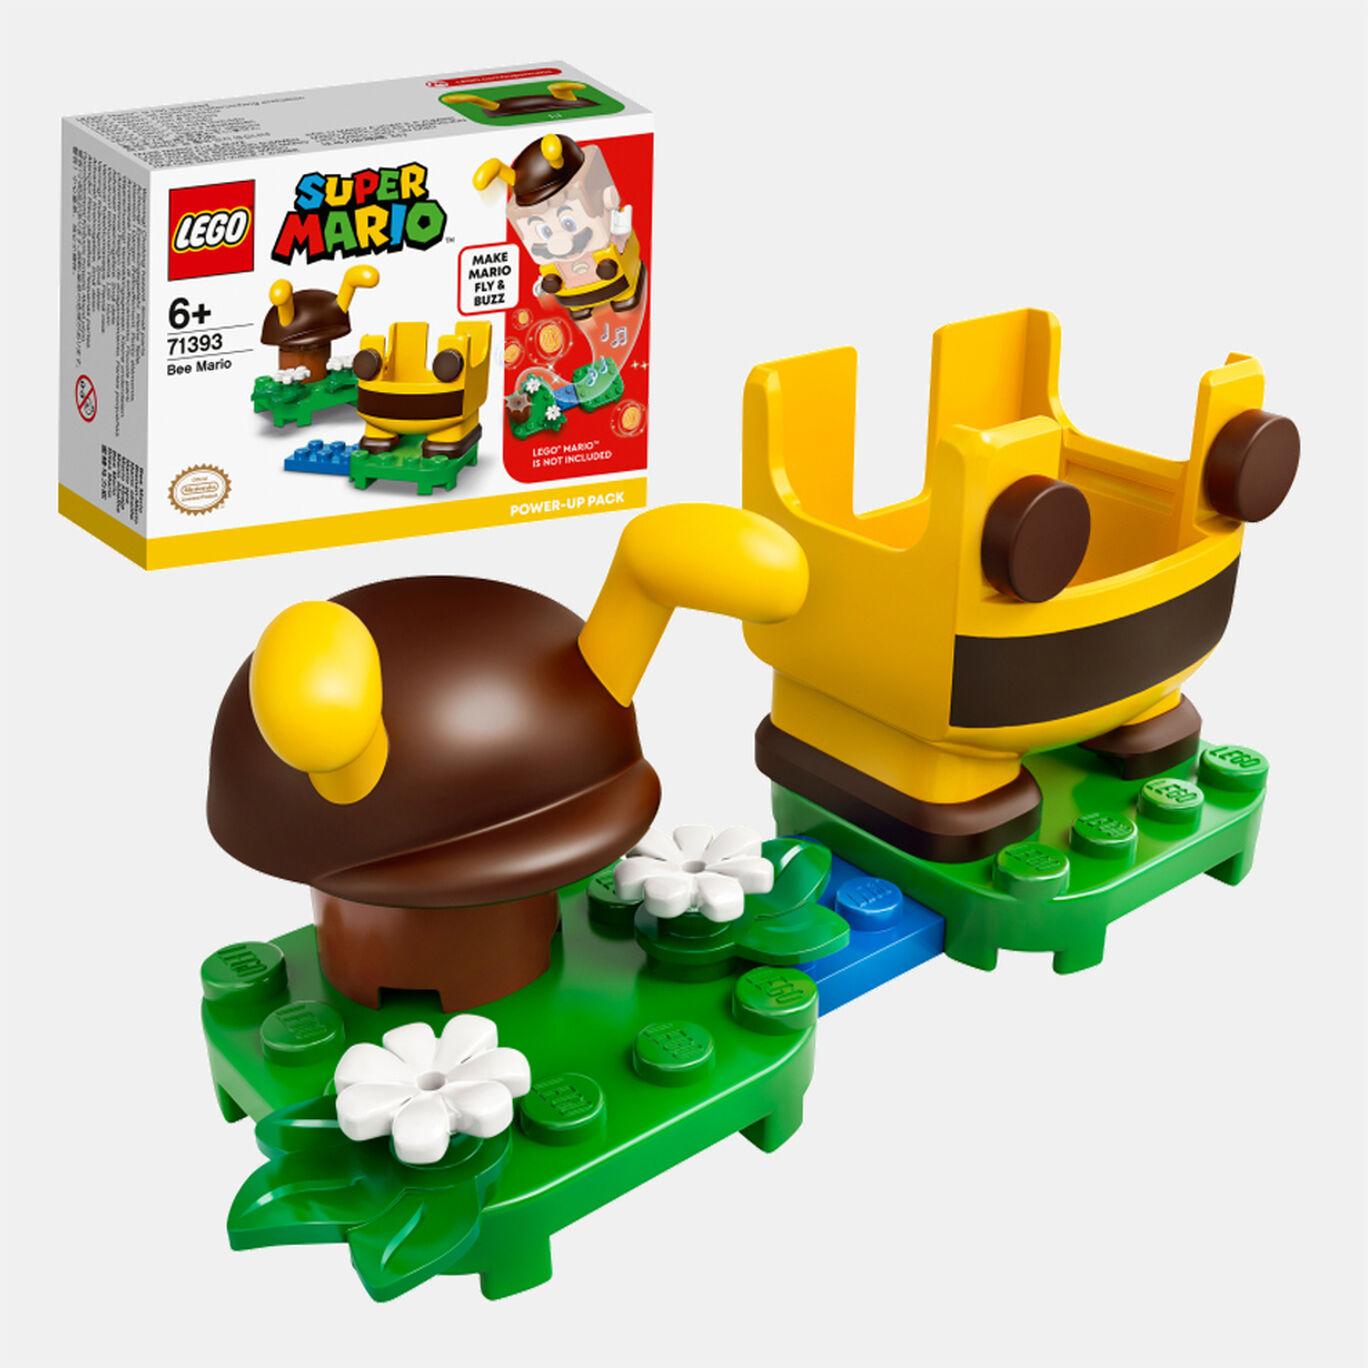 レゴ®スーパーマリオ ハチマリオ パワーアップ パック